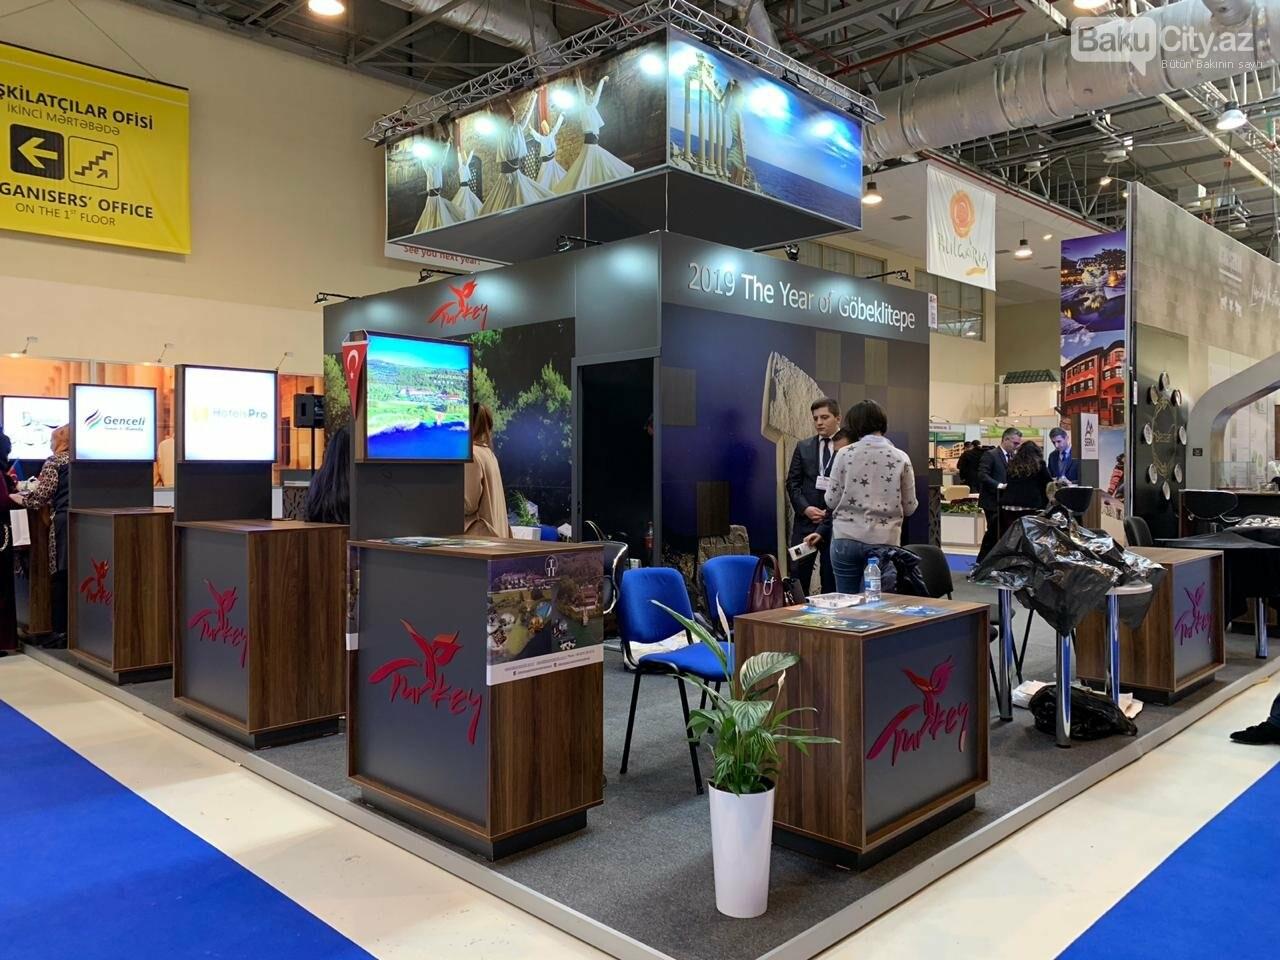 Bakıda keçirilən AITF 2019 davam edir - FOTO, fotoşəkil-3